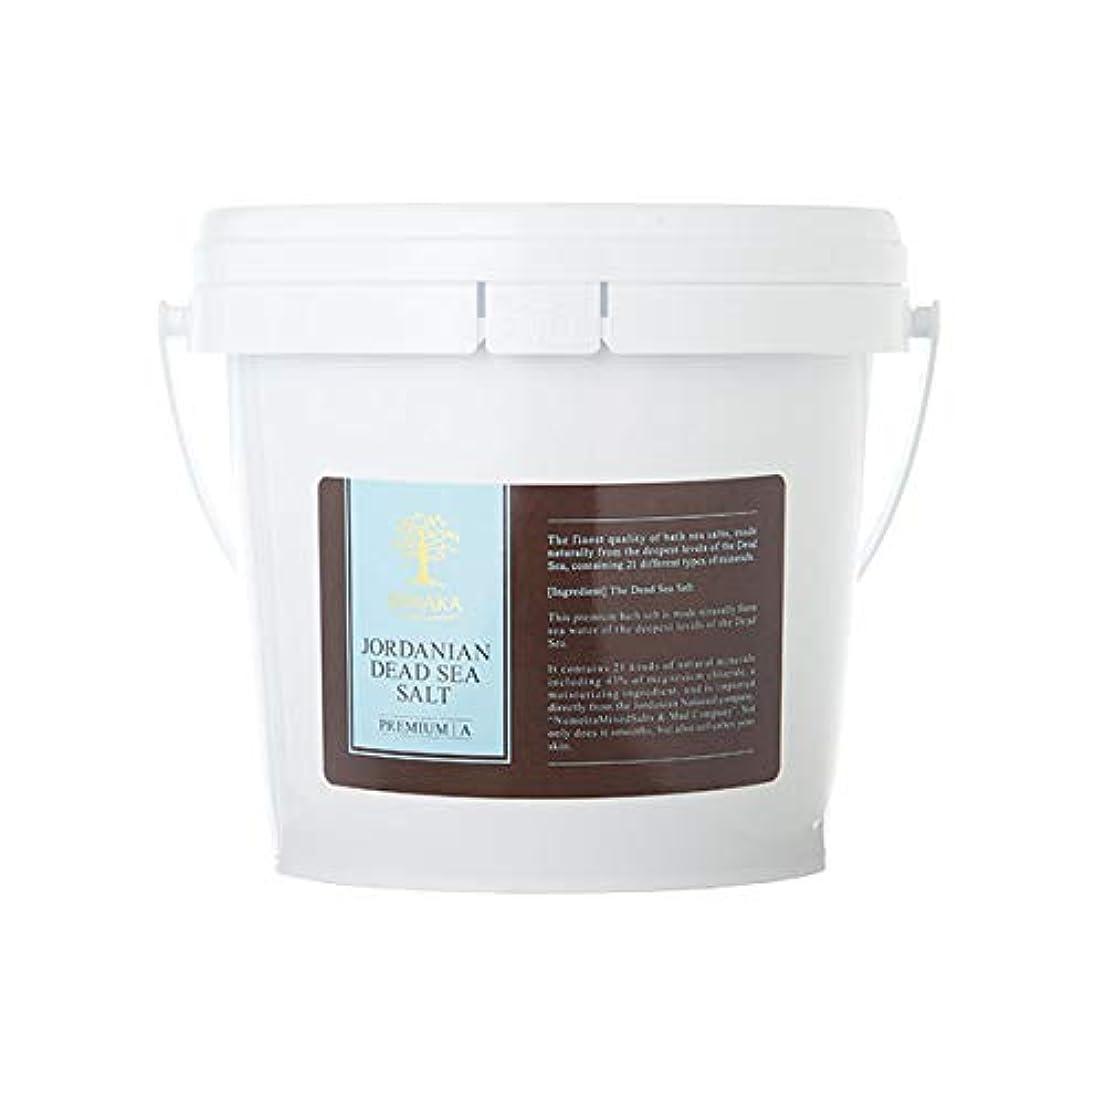 酸債務凍結BARAKA(バラカ) ジョルダニアン デッドシー ソルト バケツ 1.5kg バスソルト 入浴剤 ヨルダン産死海塩100%